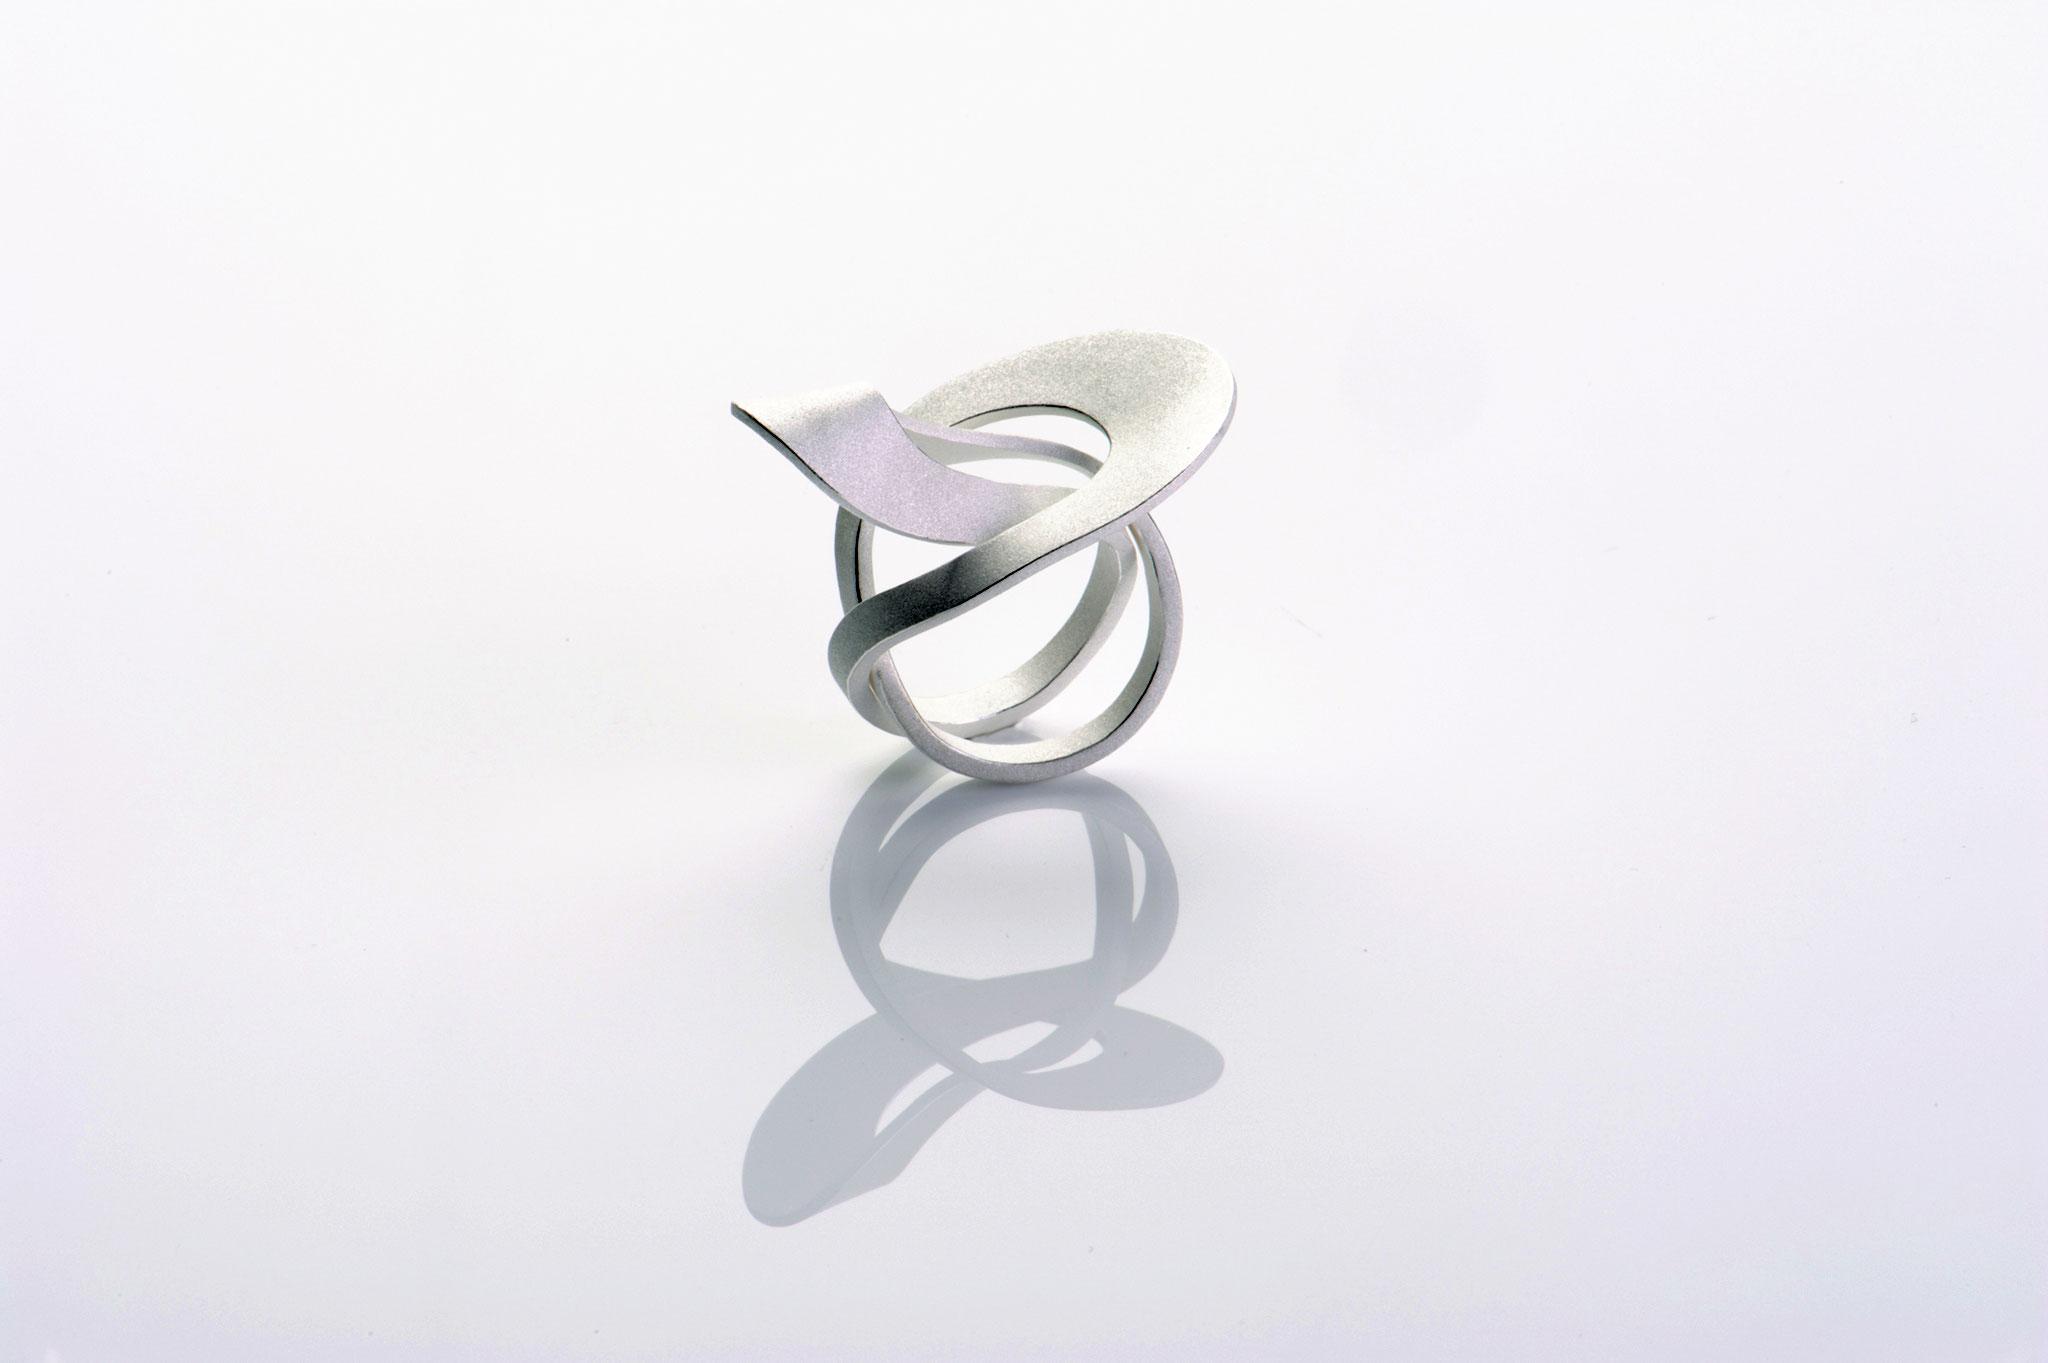 Wendepunkt Ring M6, 925/- Silber, weiß